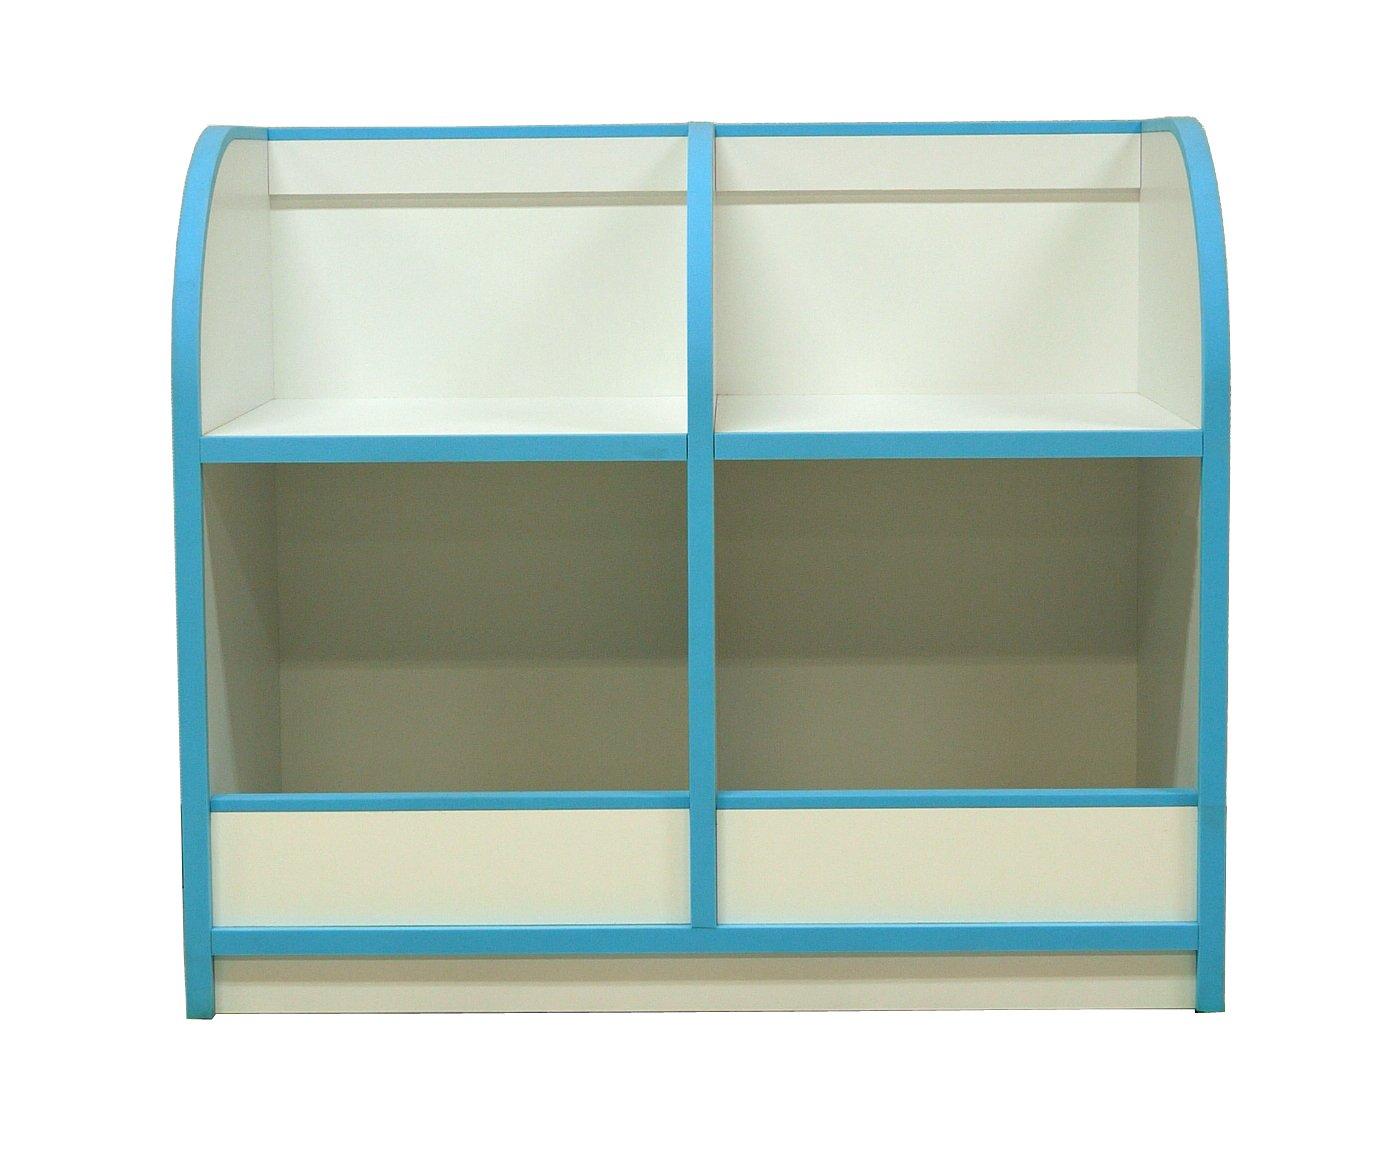 大川家具 岡製作所 おもちゃ箱 アンジュ 80cm幅 ブルー 179099 B00U2BRSFC